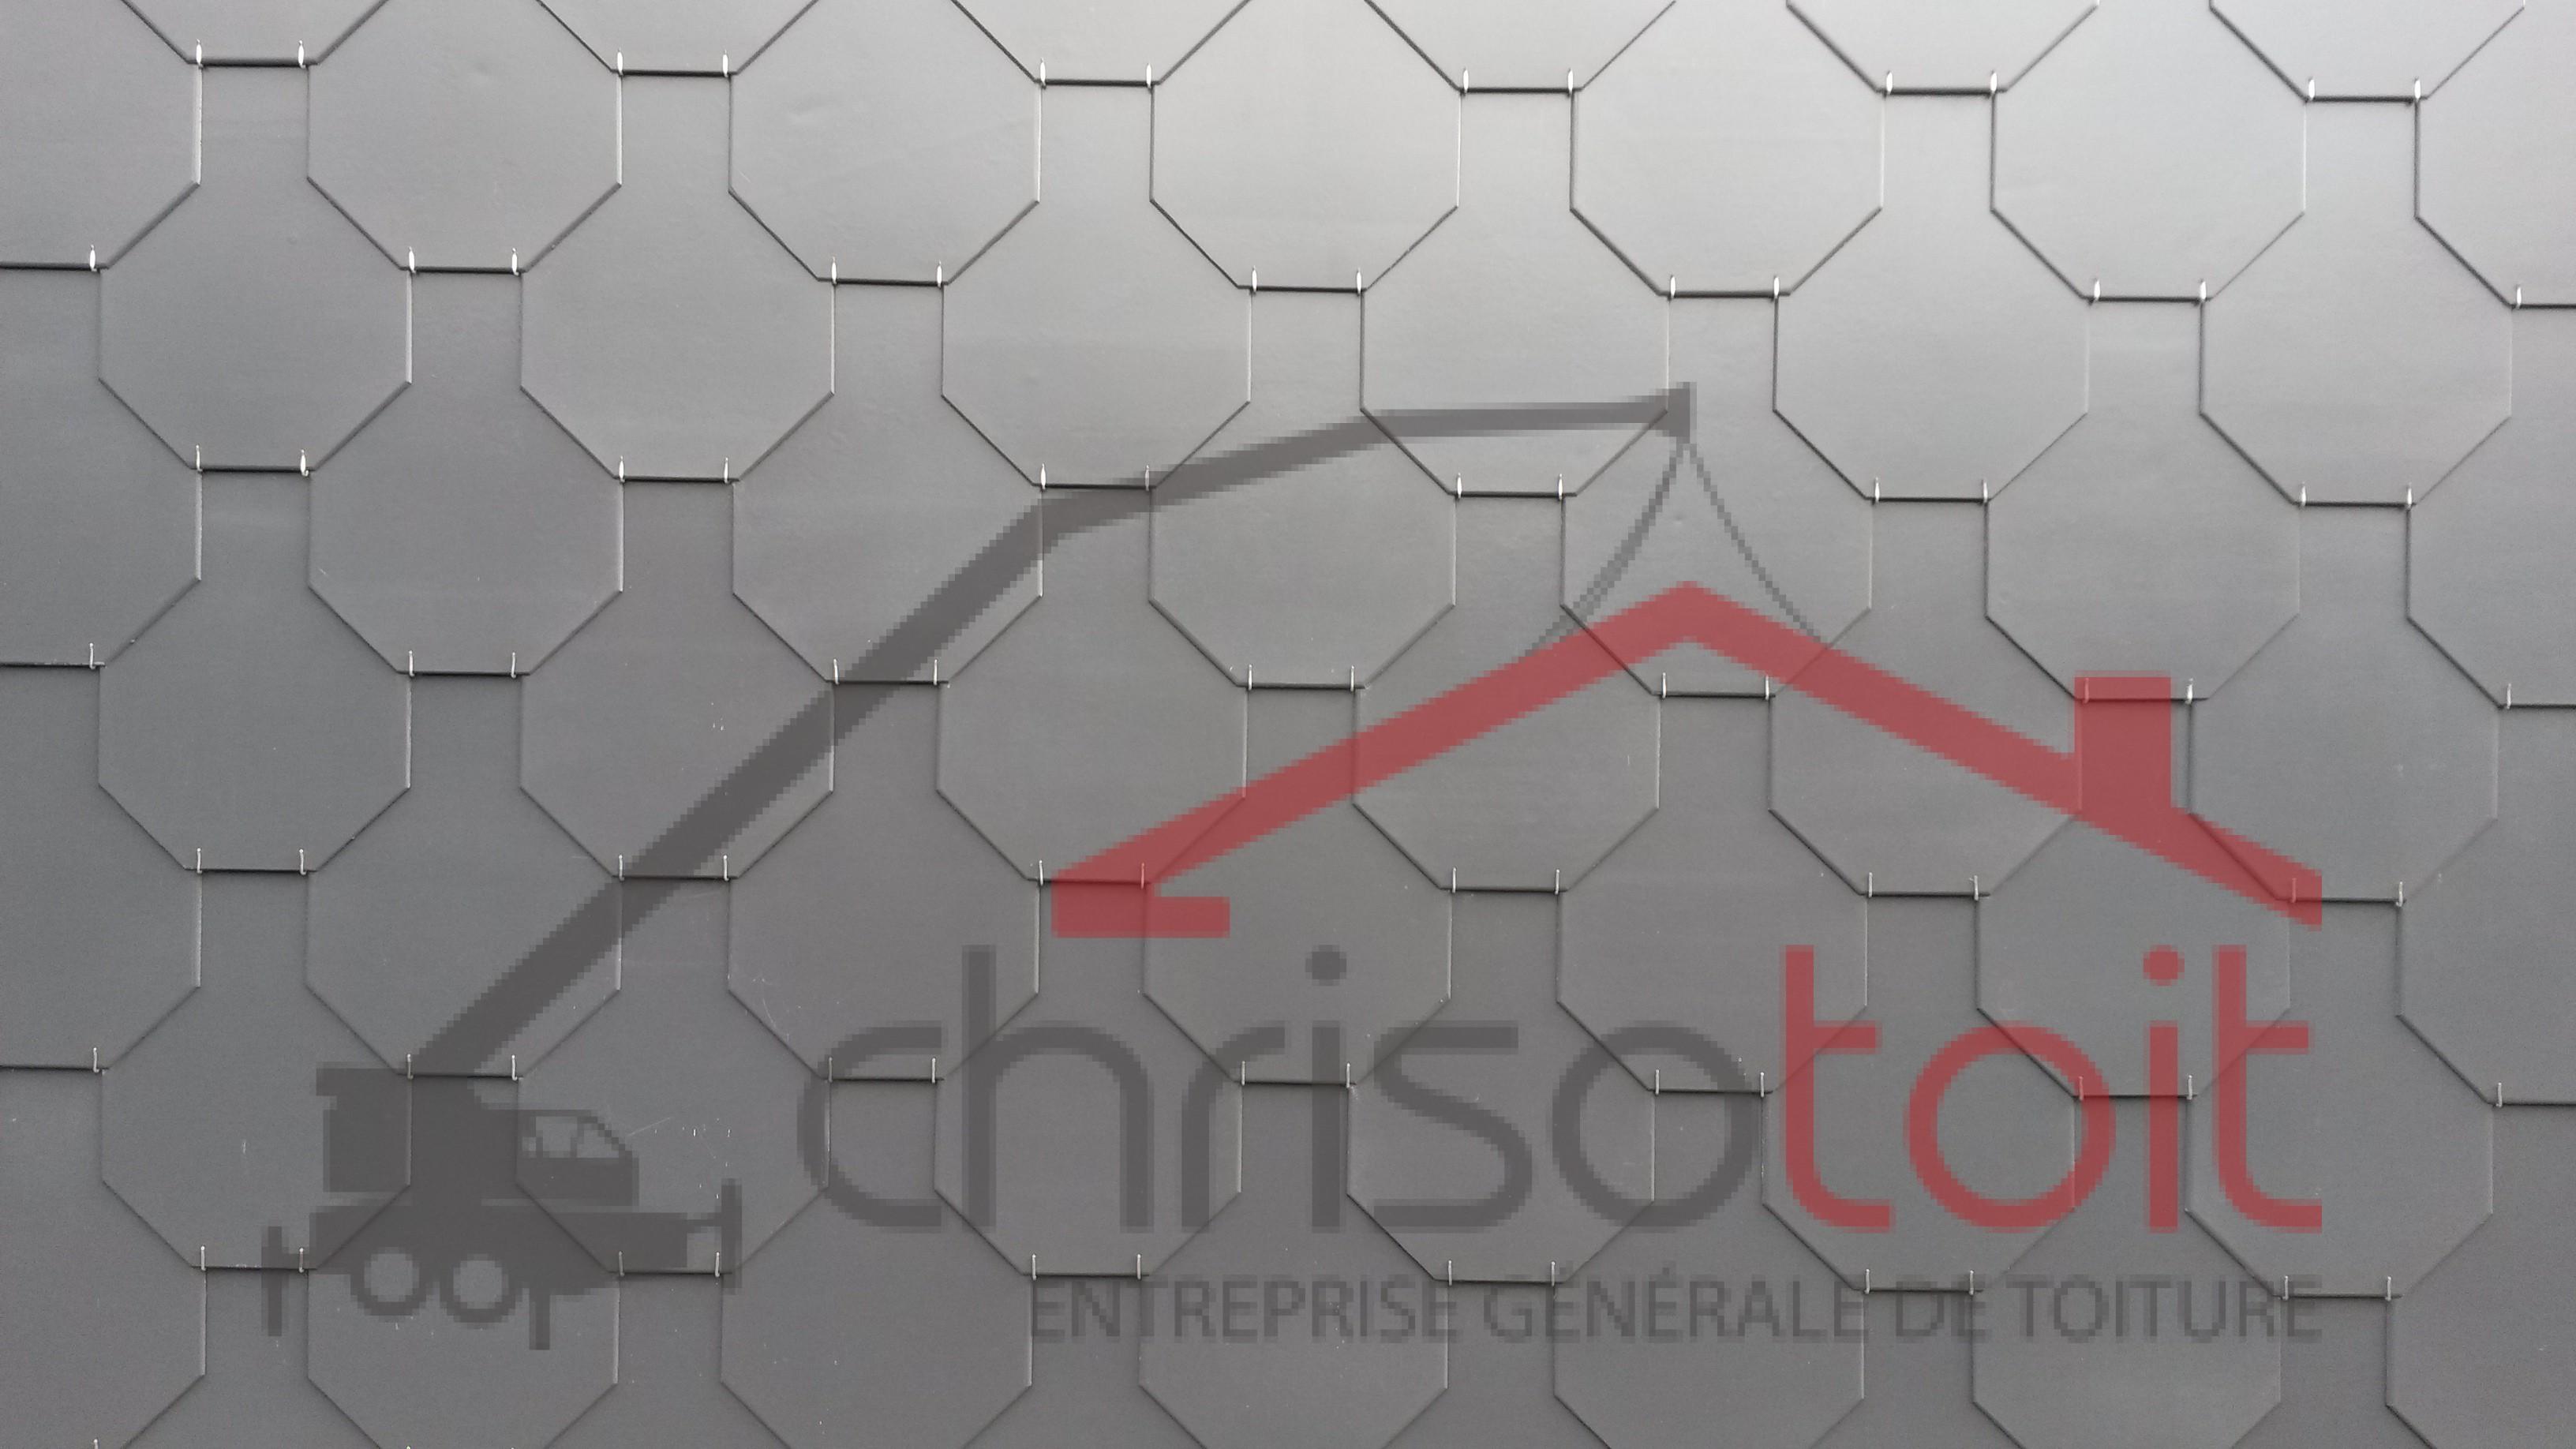 CHRISOTOIT bardage (2)